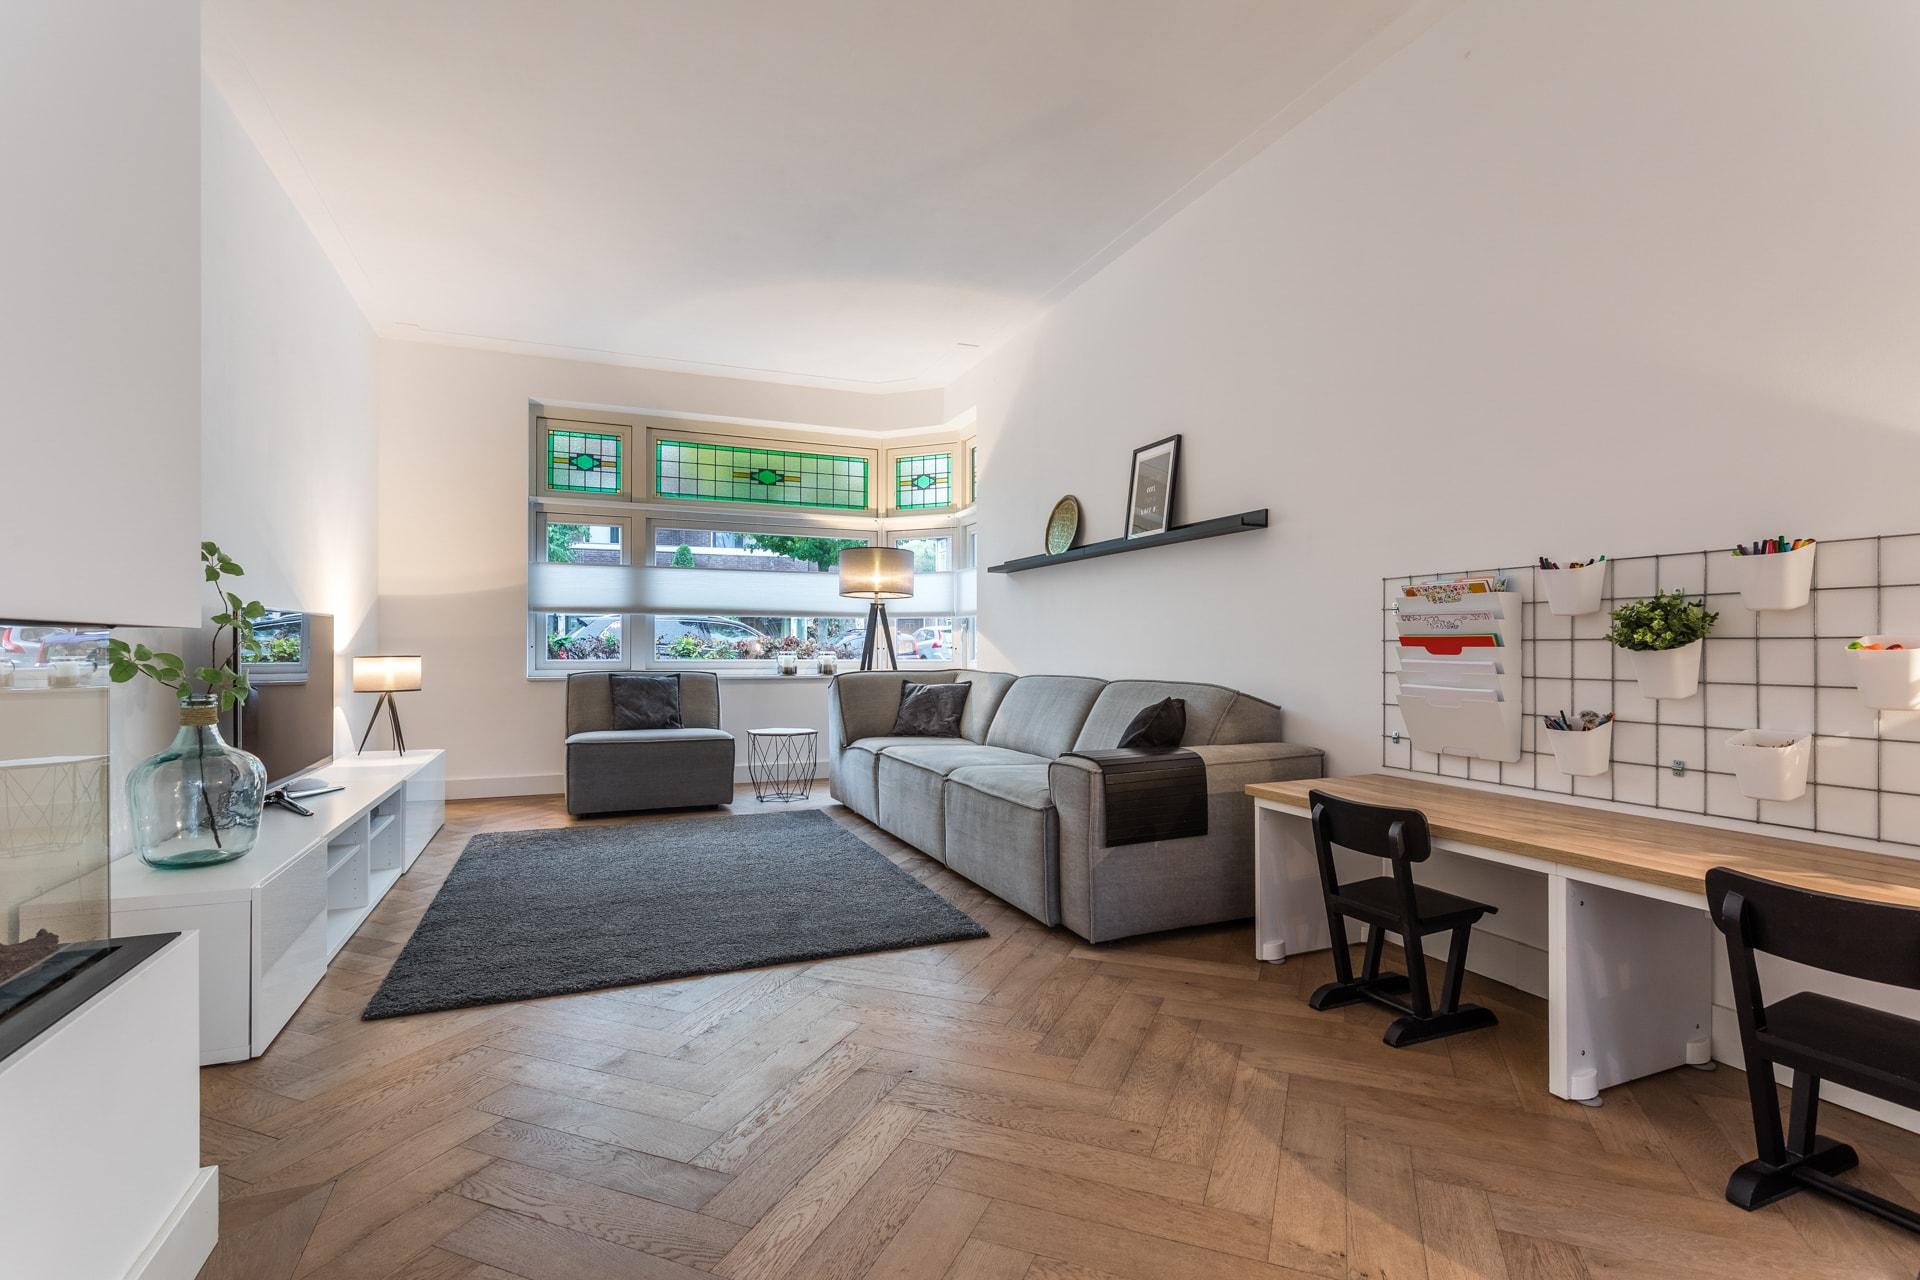 van-Os-architecten-verbouwing-2-onder-1-kapper-Valkenierslaan-Breda-woonkamer-aan-straatzijde